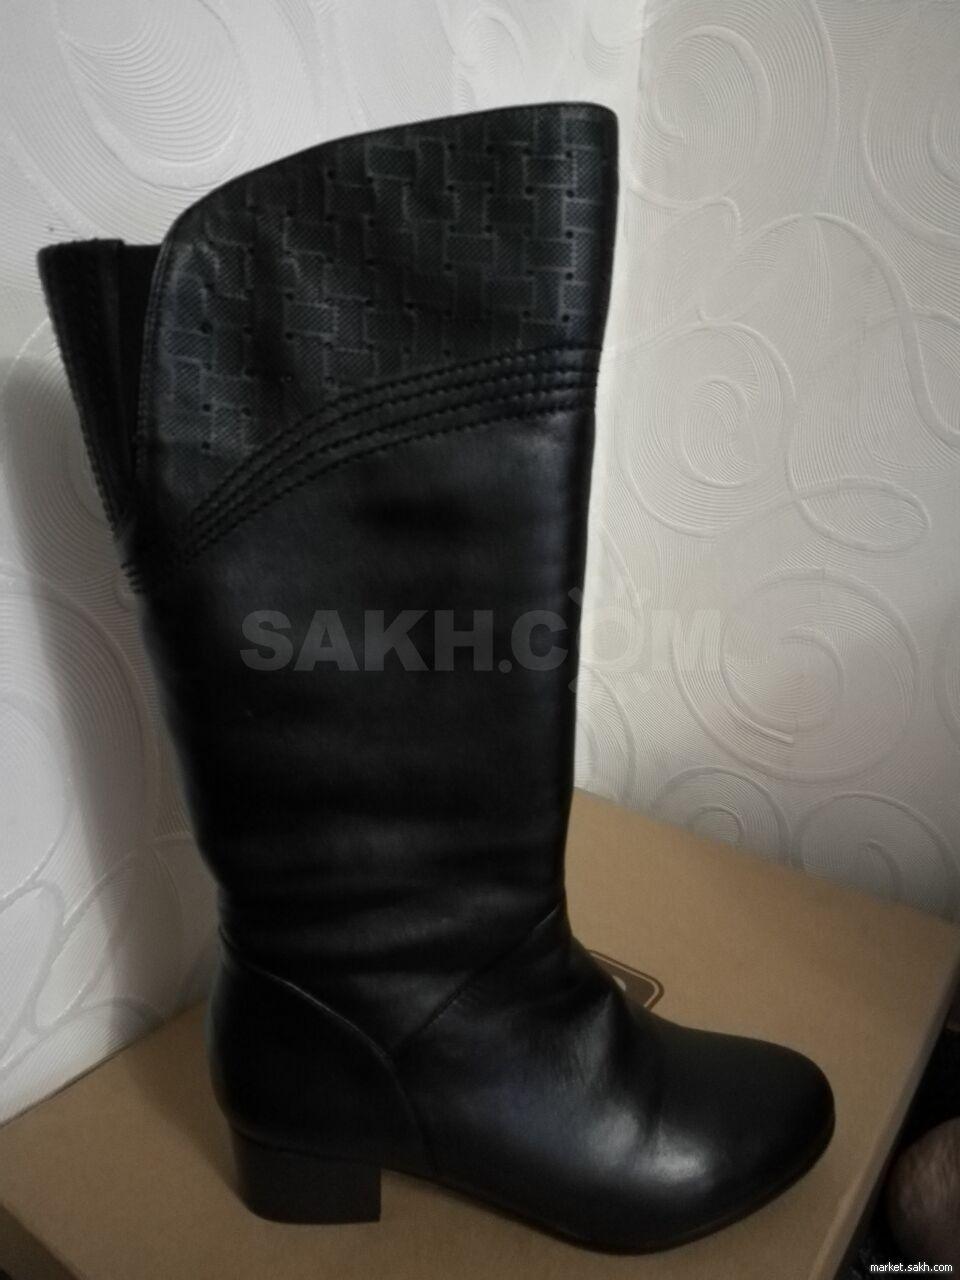 21c7bb4a9 Новые сапоги зимние черные 39 размера,кожаные, высота голенища 36 см,  обхват голенища 36 см, высота каблука 4 см.Торг.